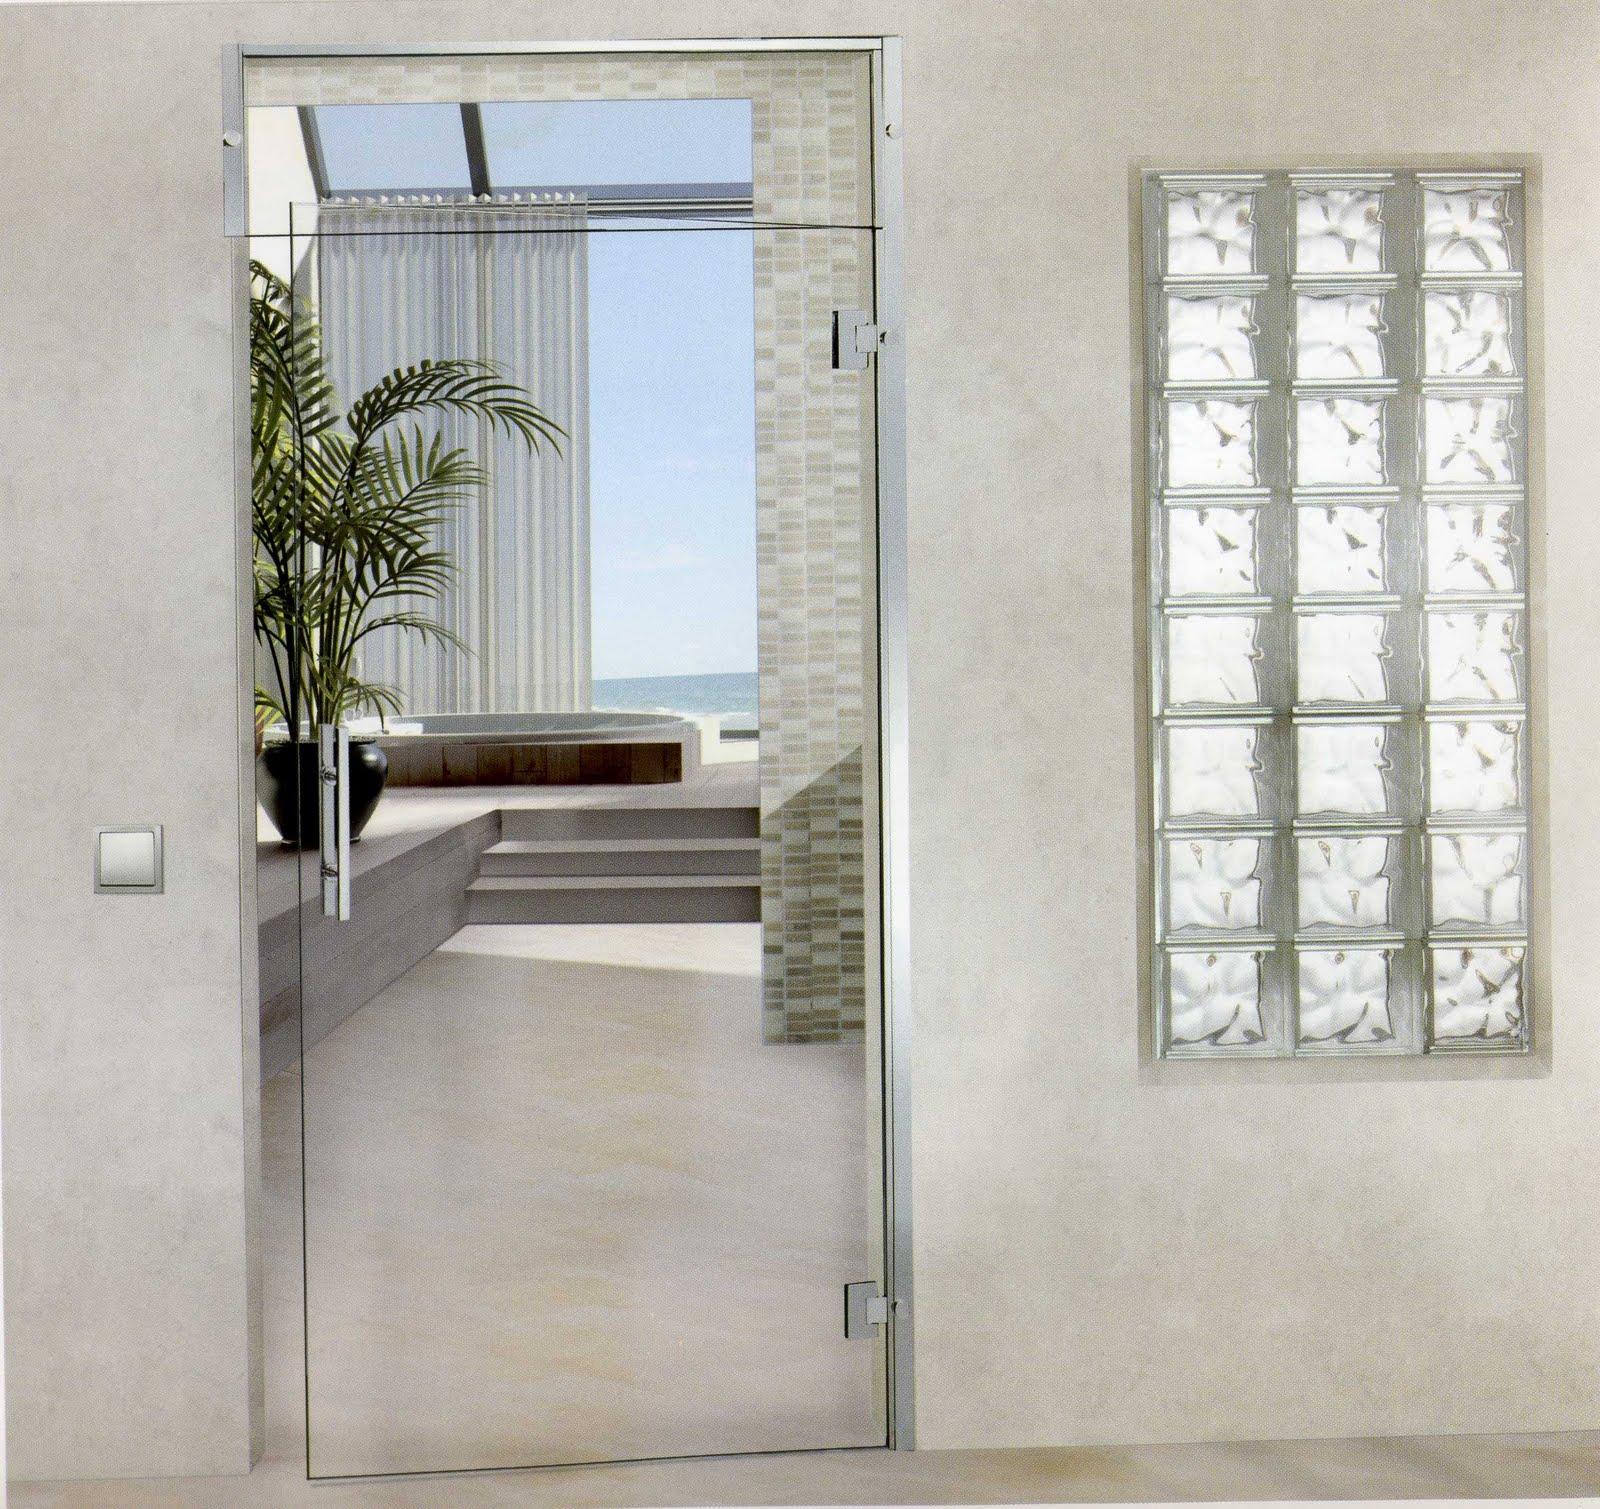 Cristales puertas interior - Cristales translucidos para puertas ...